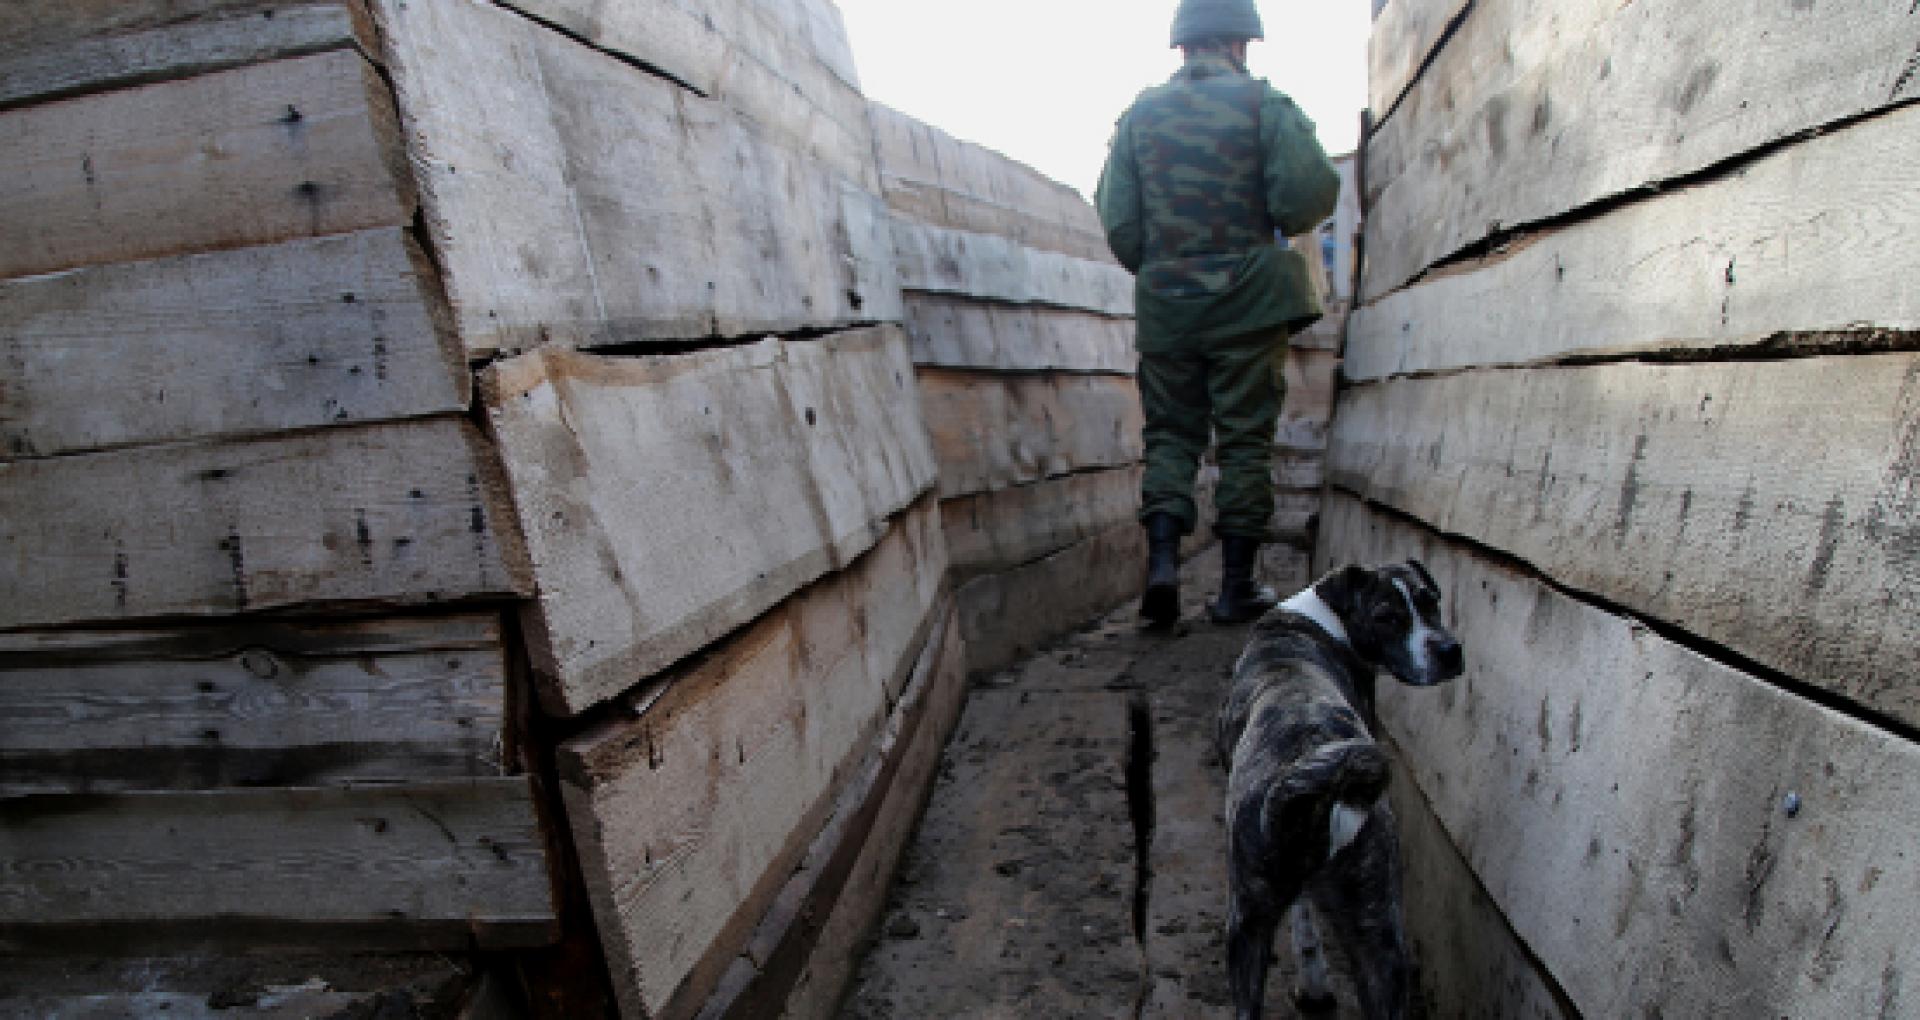 Ziua a început cu împușcături în Donbas: s-a raportat că grupuri armate ilegale au făcut uz de diverse tipuri de lansatoare de grenade și arme de calibru mic